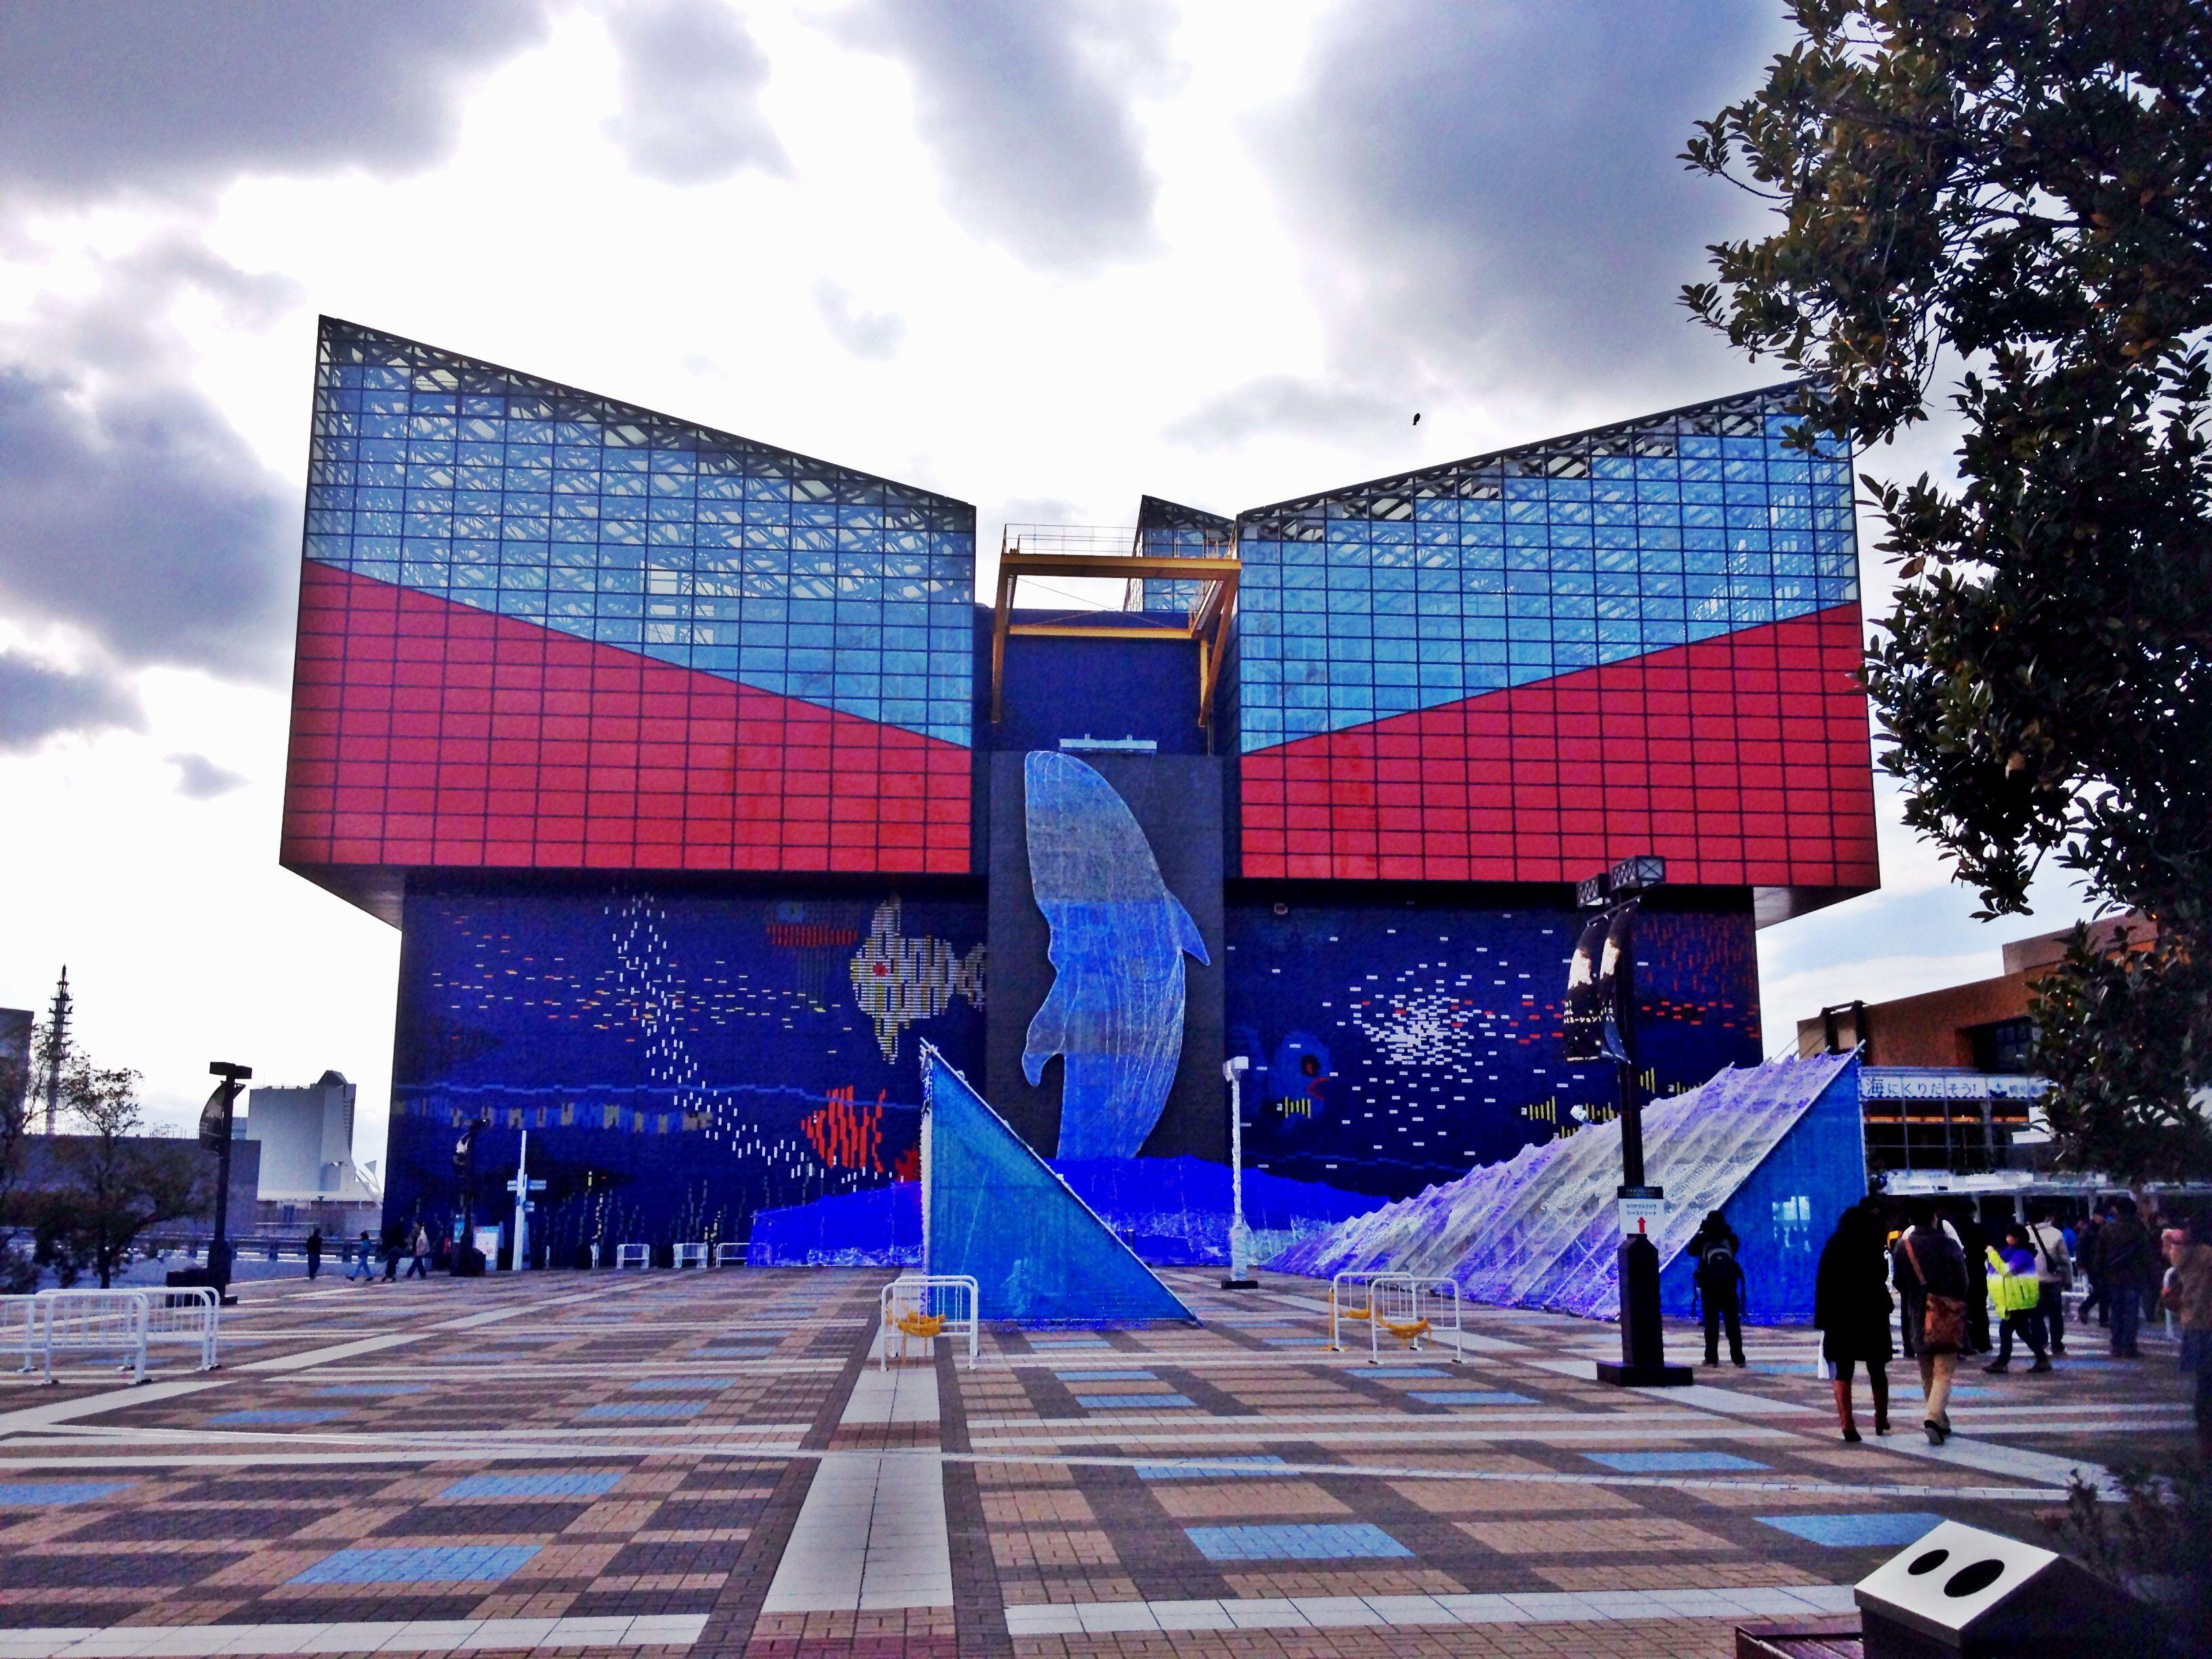 62e31ec30b47eb16106100b566ac3772 Frais De Aquarium Osaka Concept